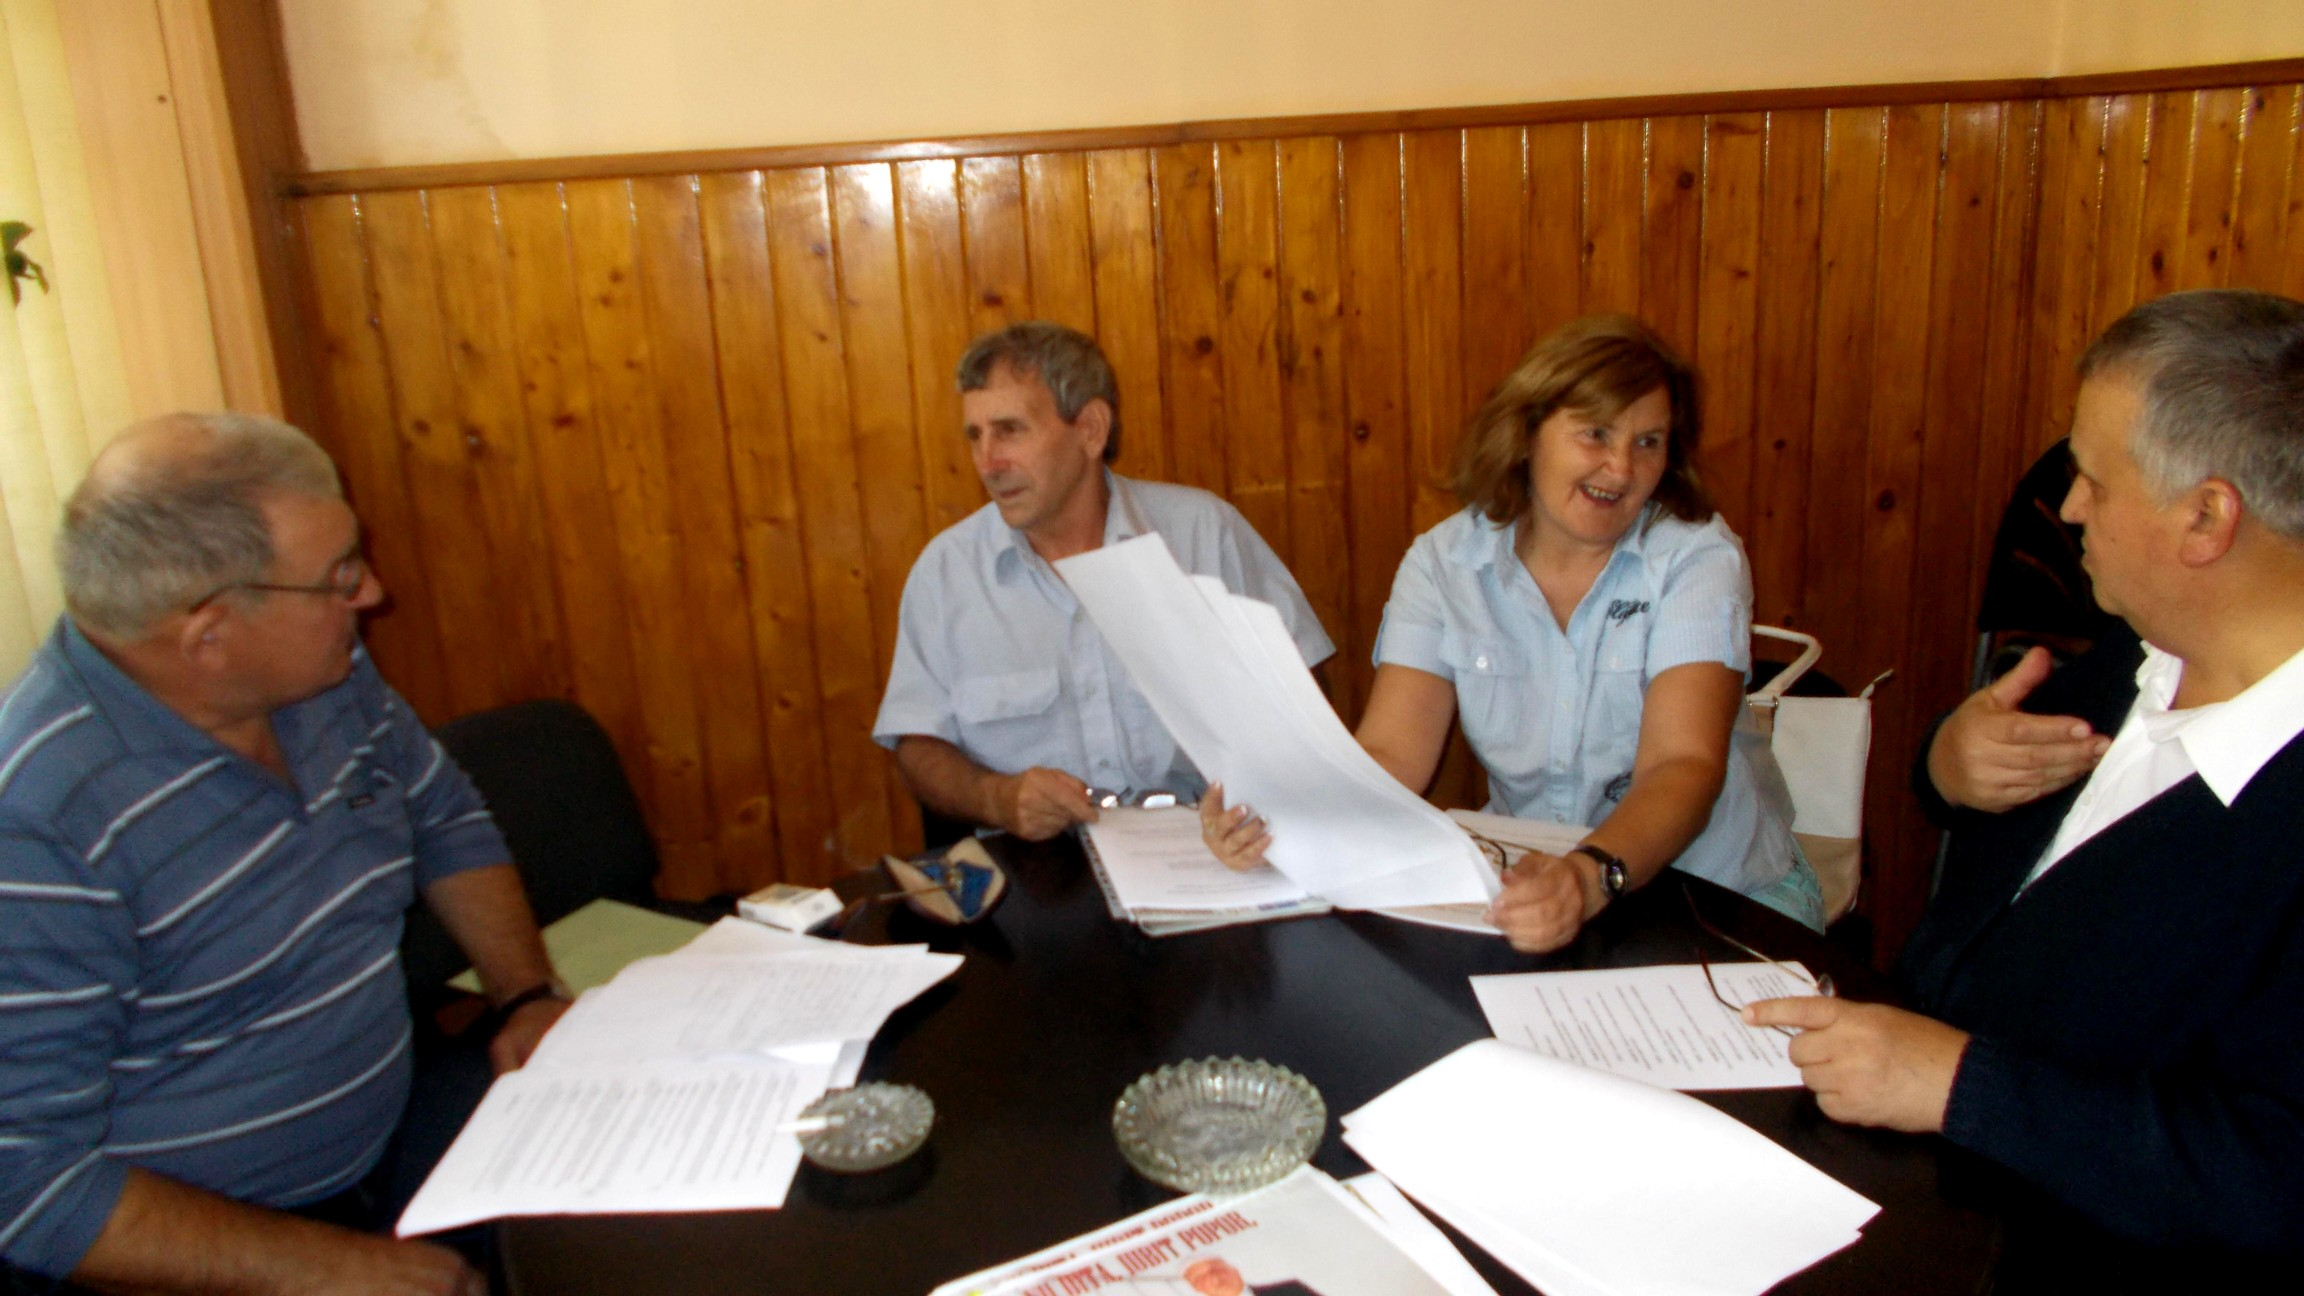 Georgel Mihalciuc, Ionel Davidiuc, Maricica Davidiuc şi Marcel Horodincă